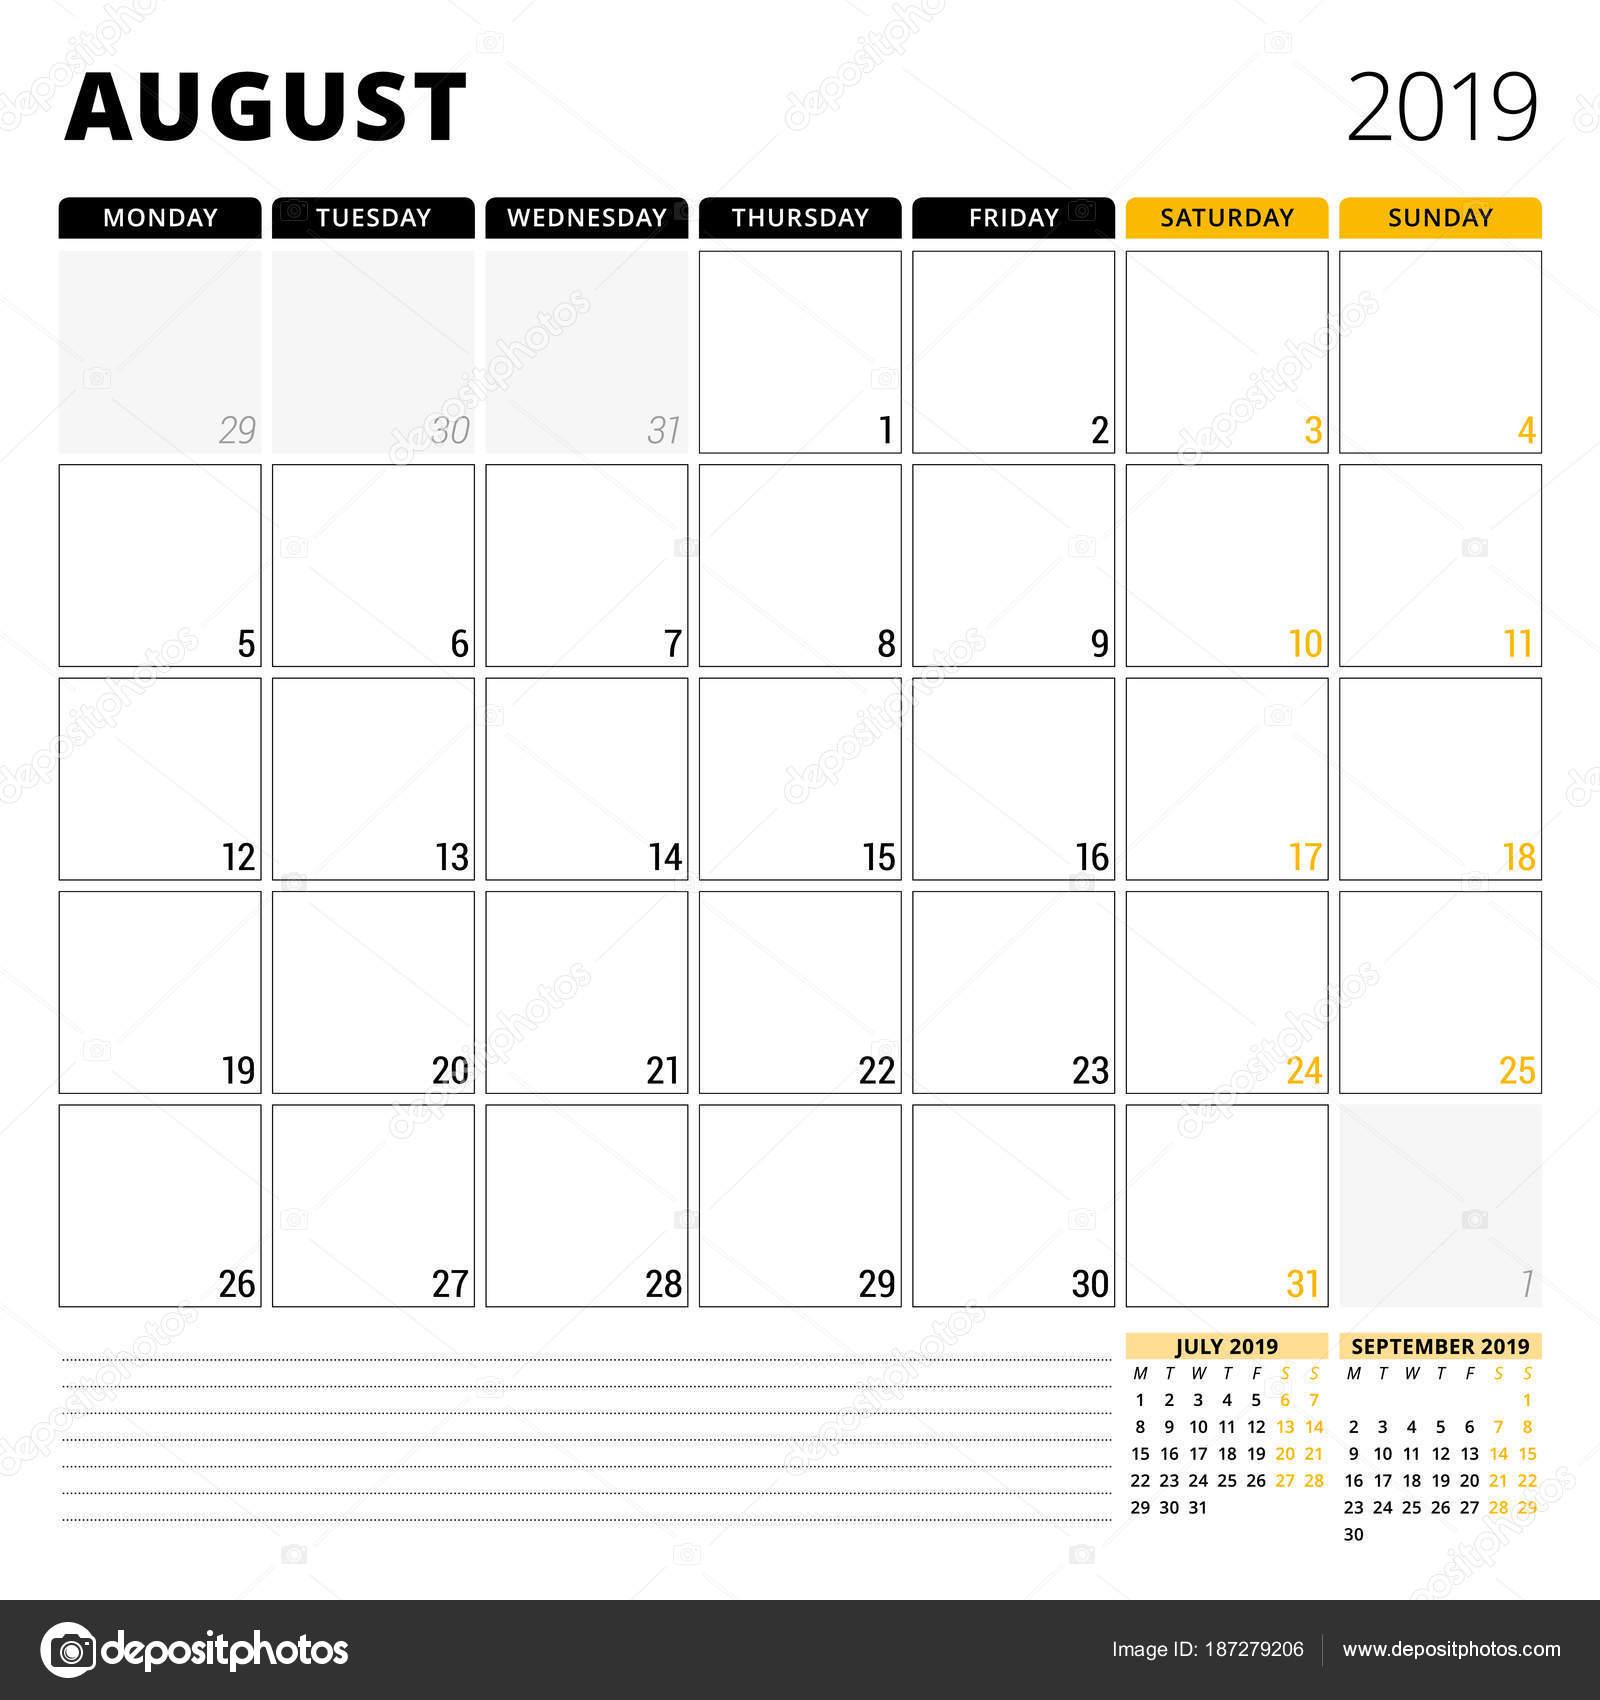 Pagina Calendario Agosto 2019.Immagini Planner Agosto 2019 Calendario Planner Per Agosto